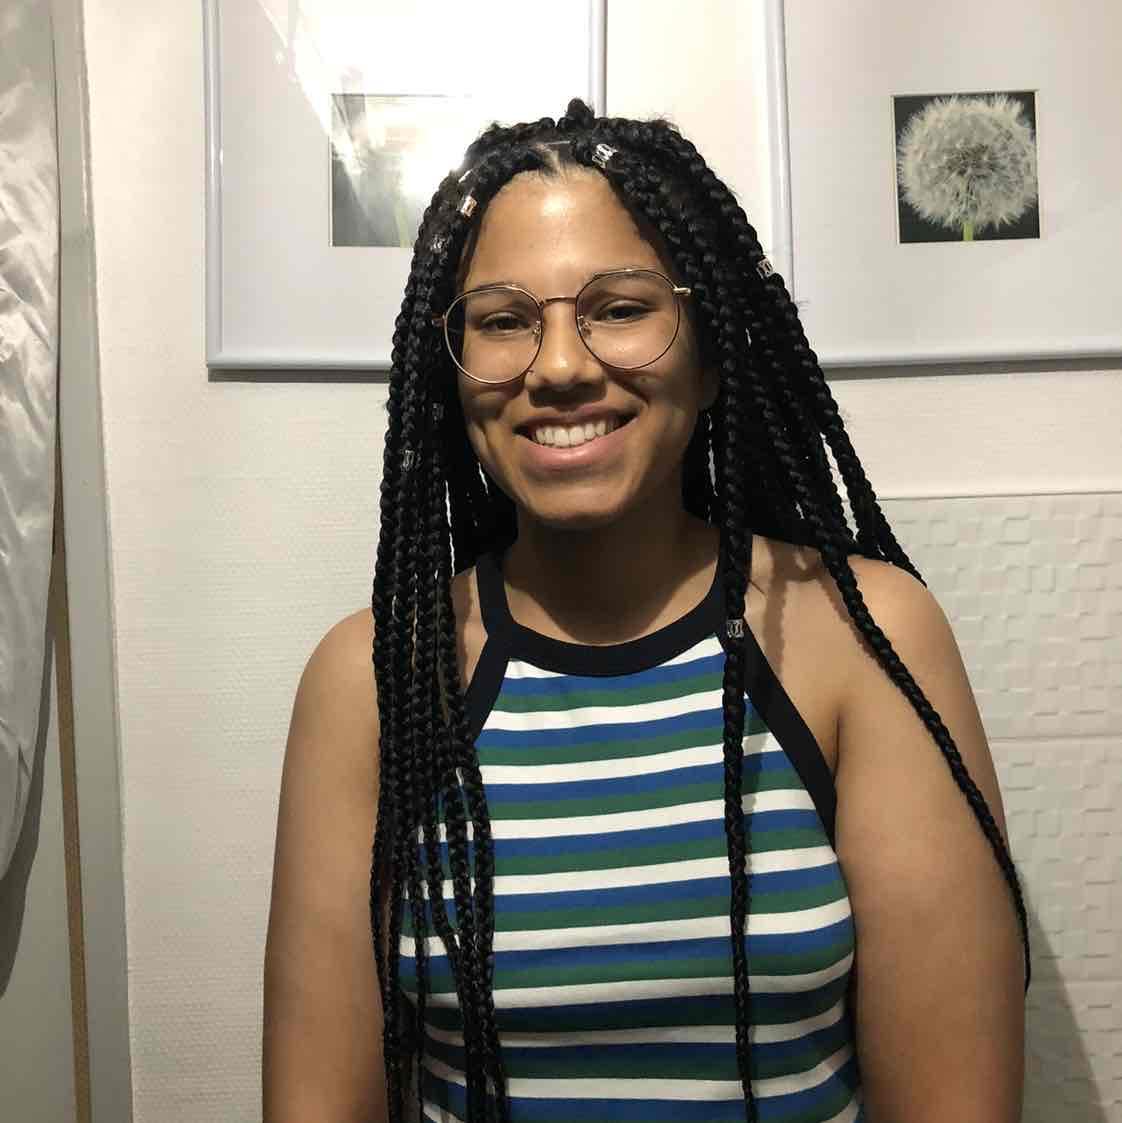 salon de coiffure afro tresse tresses box braids crochet braids vanilles tissages paris 75 77 78 91 92 93 94 95 PLTTCGQY